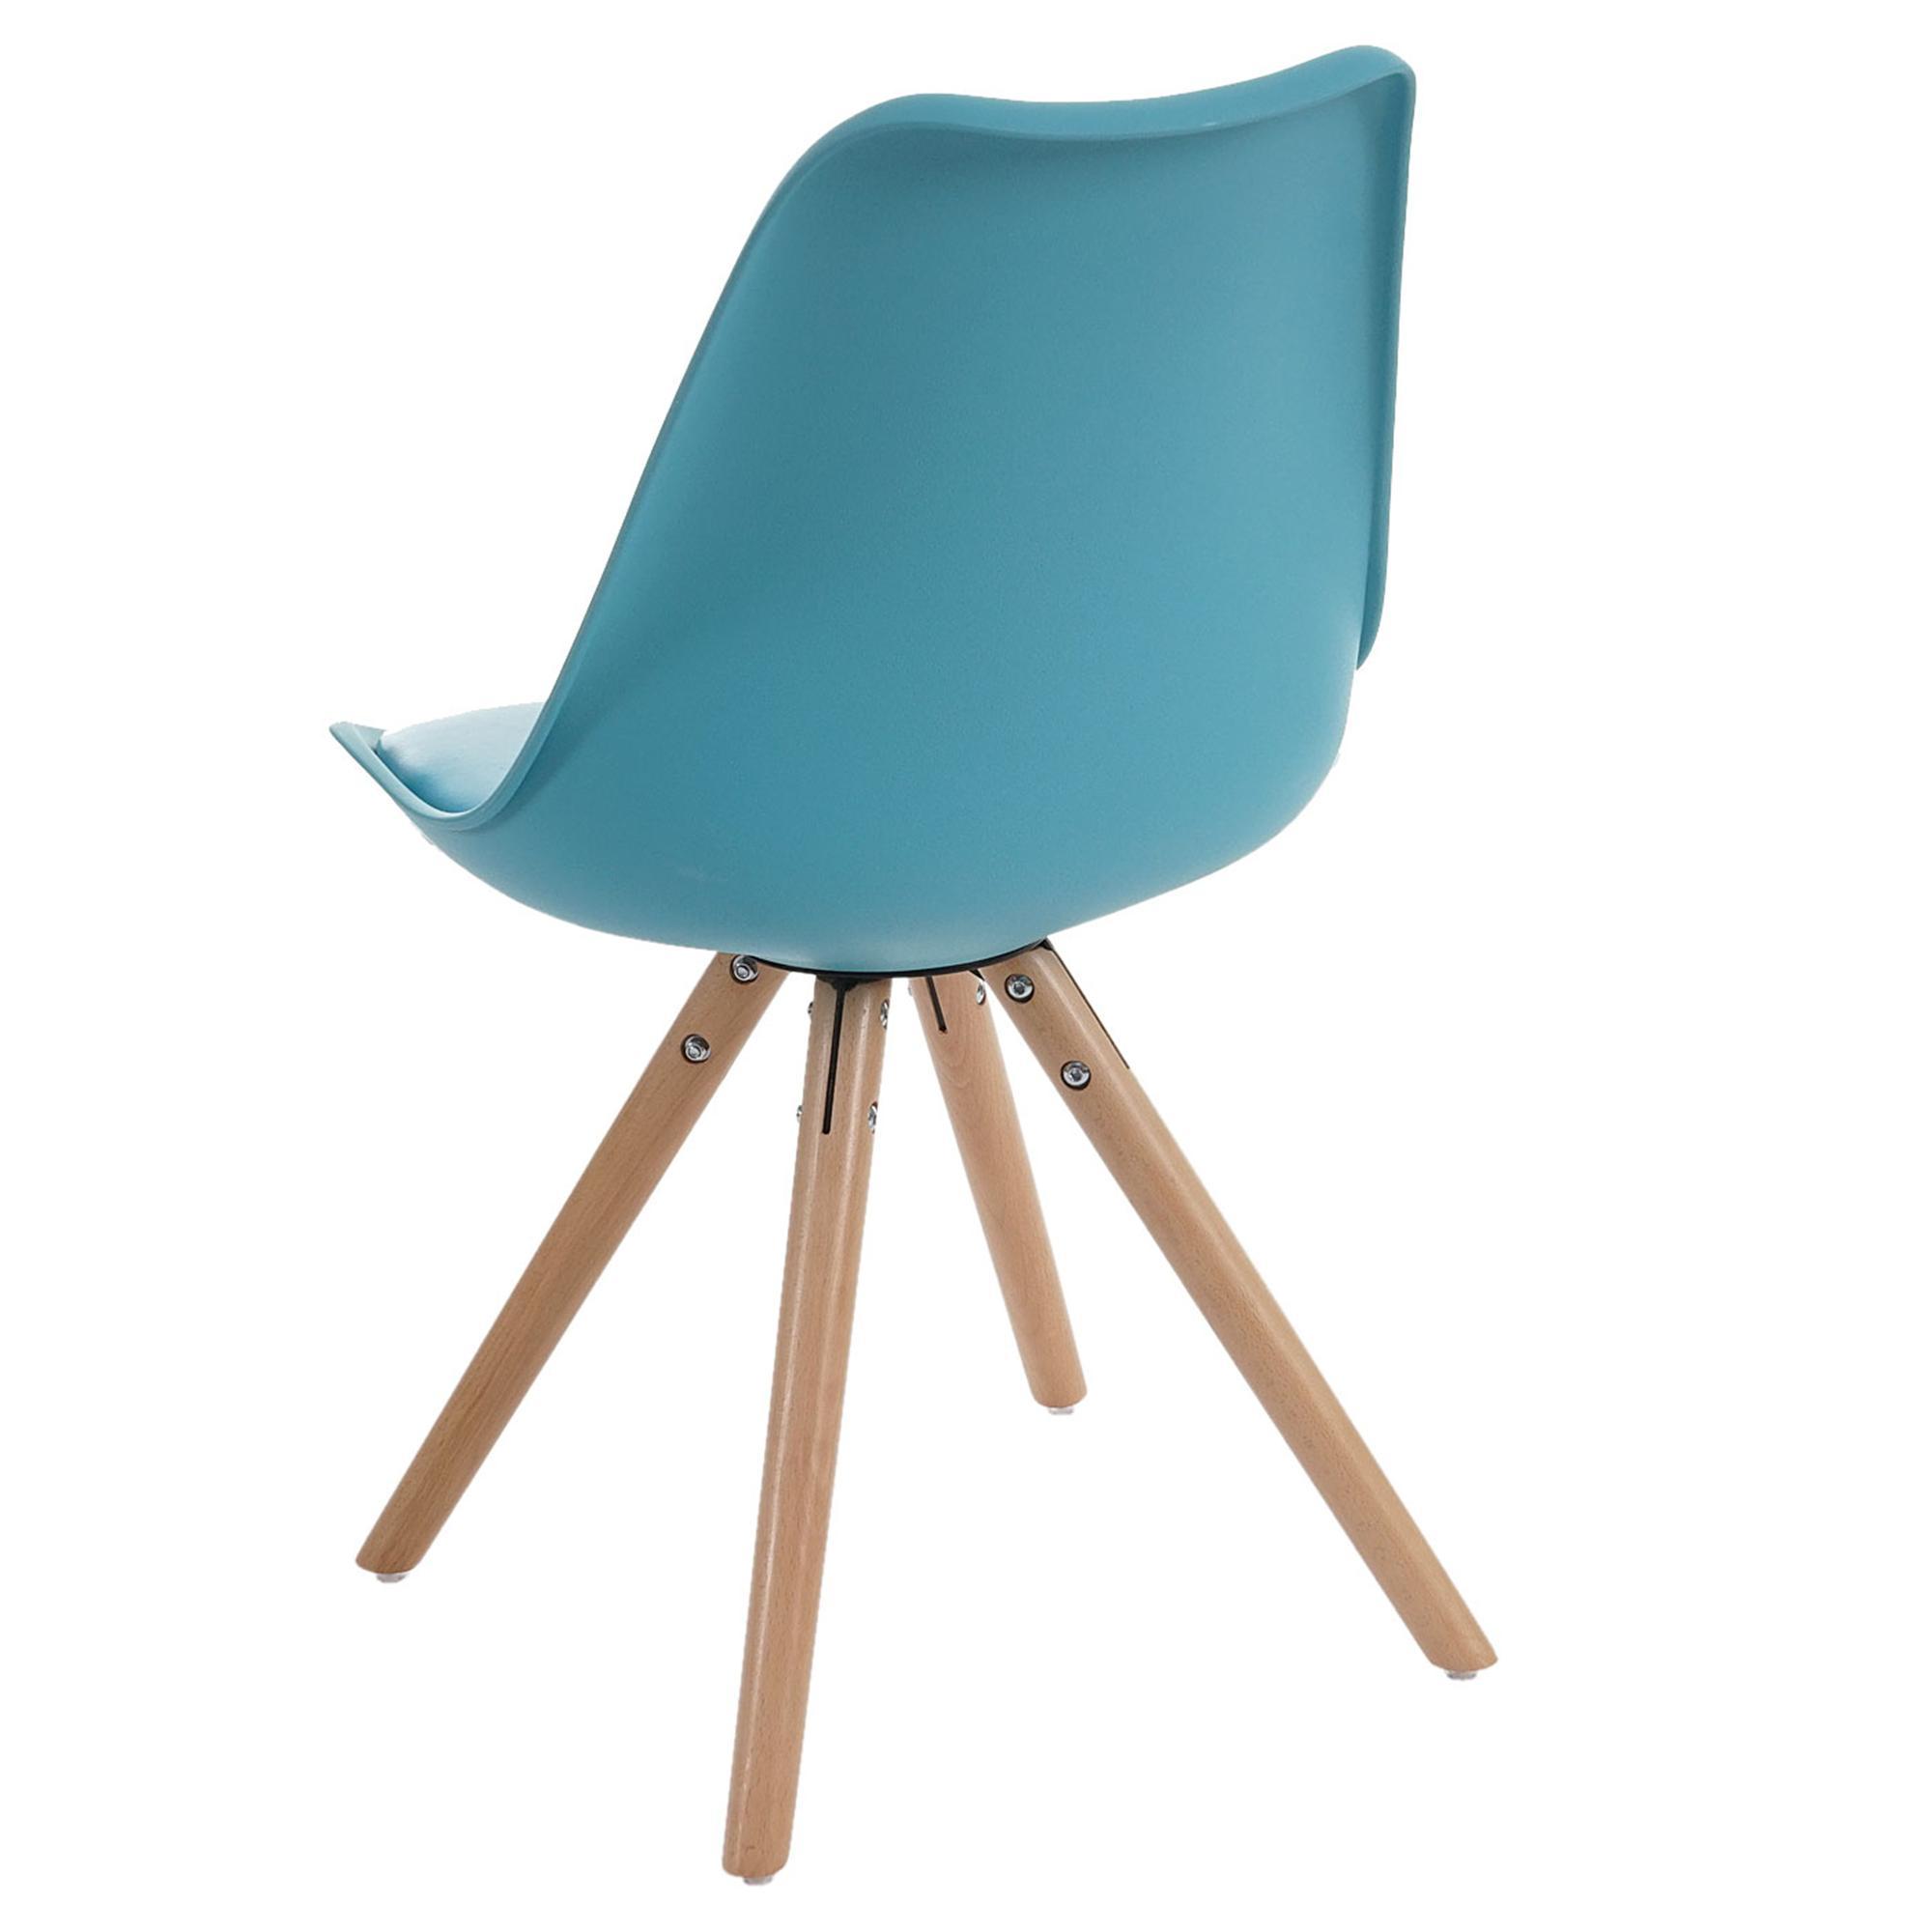 Lote 4 sillas carol en turquesa dise o moderno asiento for Sillas de diseno moderno